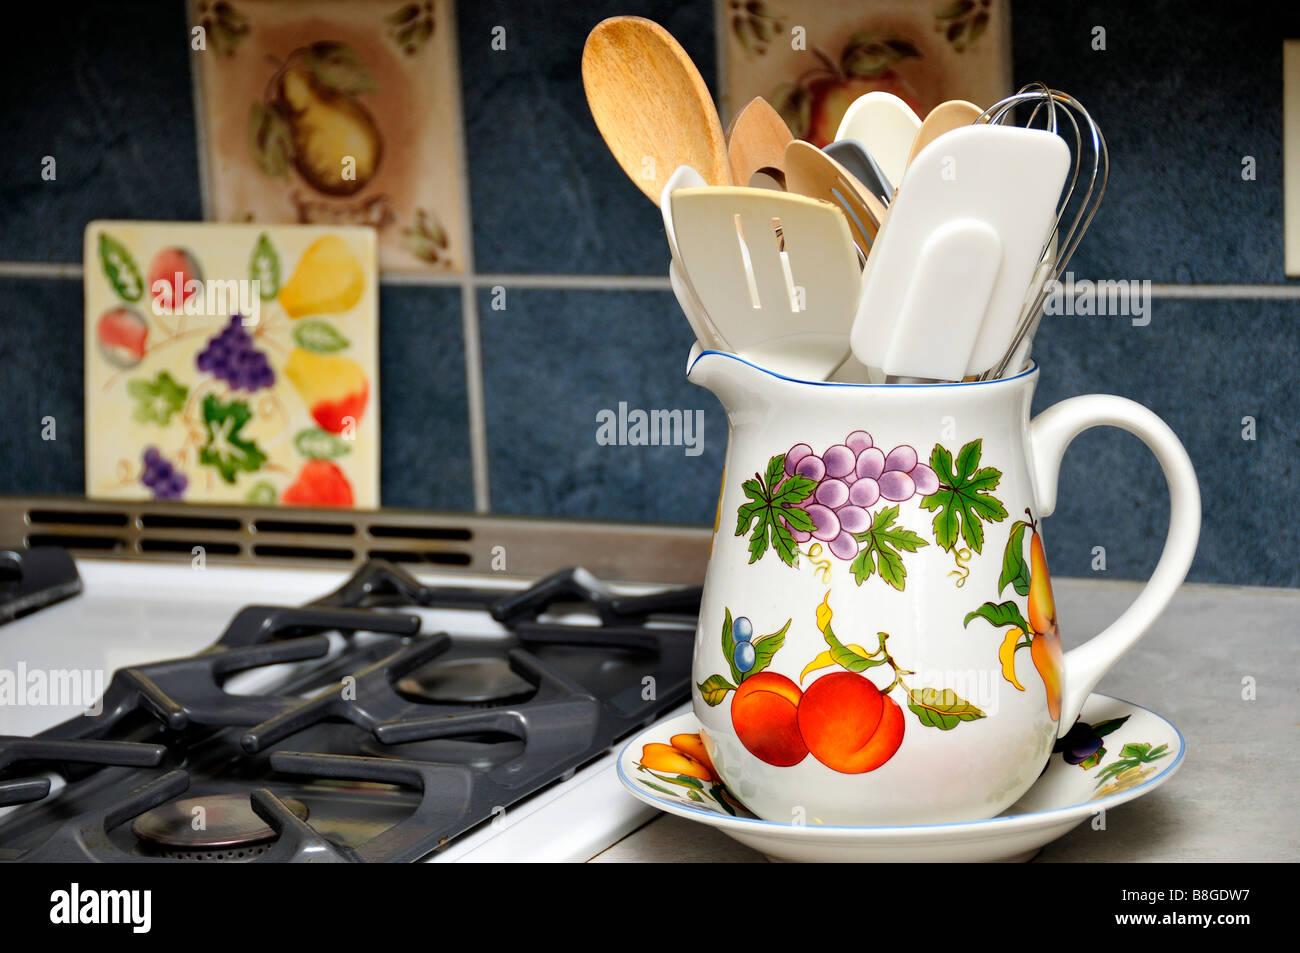 Eine große, eingerichtete Krug holding Küchengeräte neben einem Gas ...